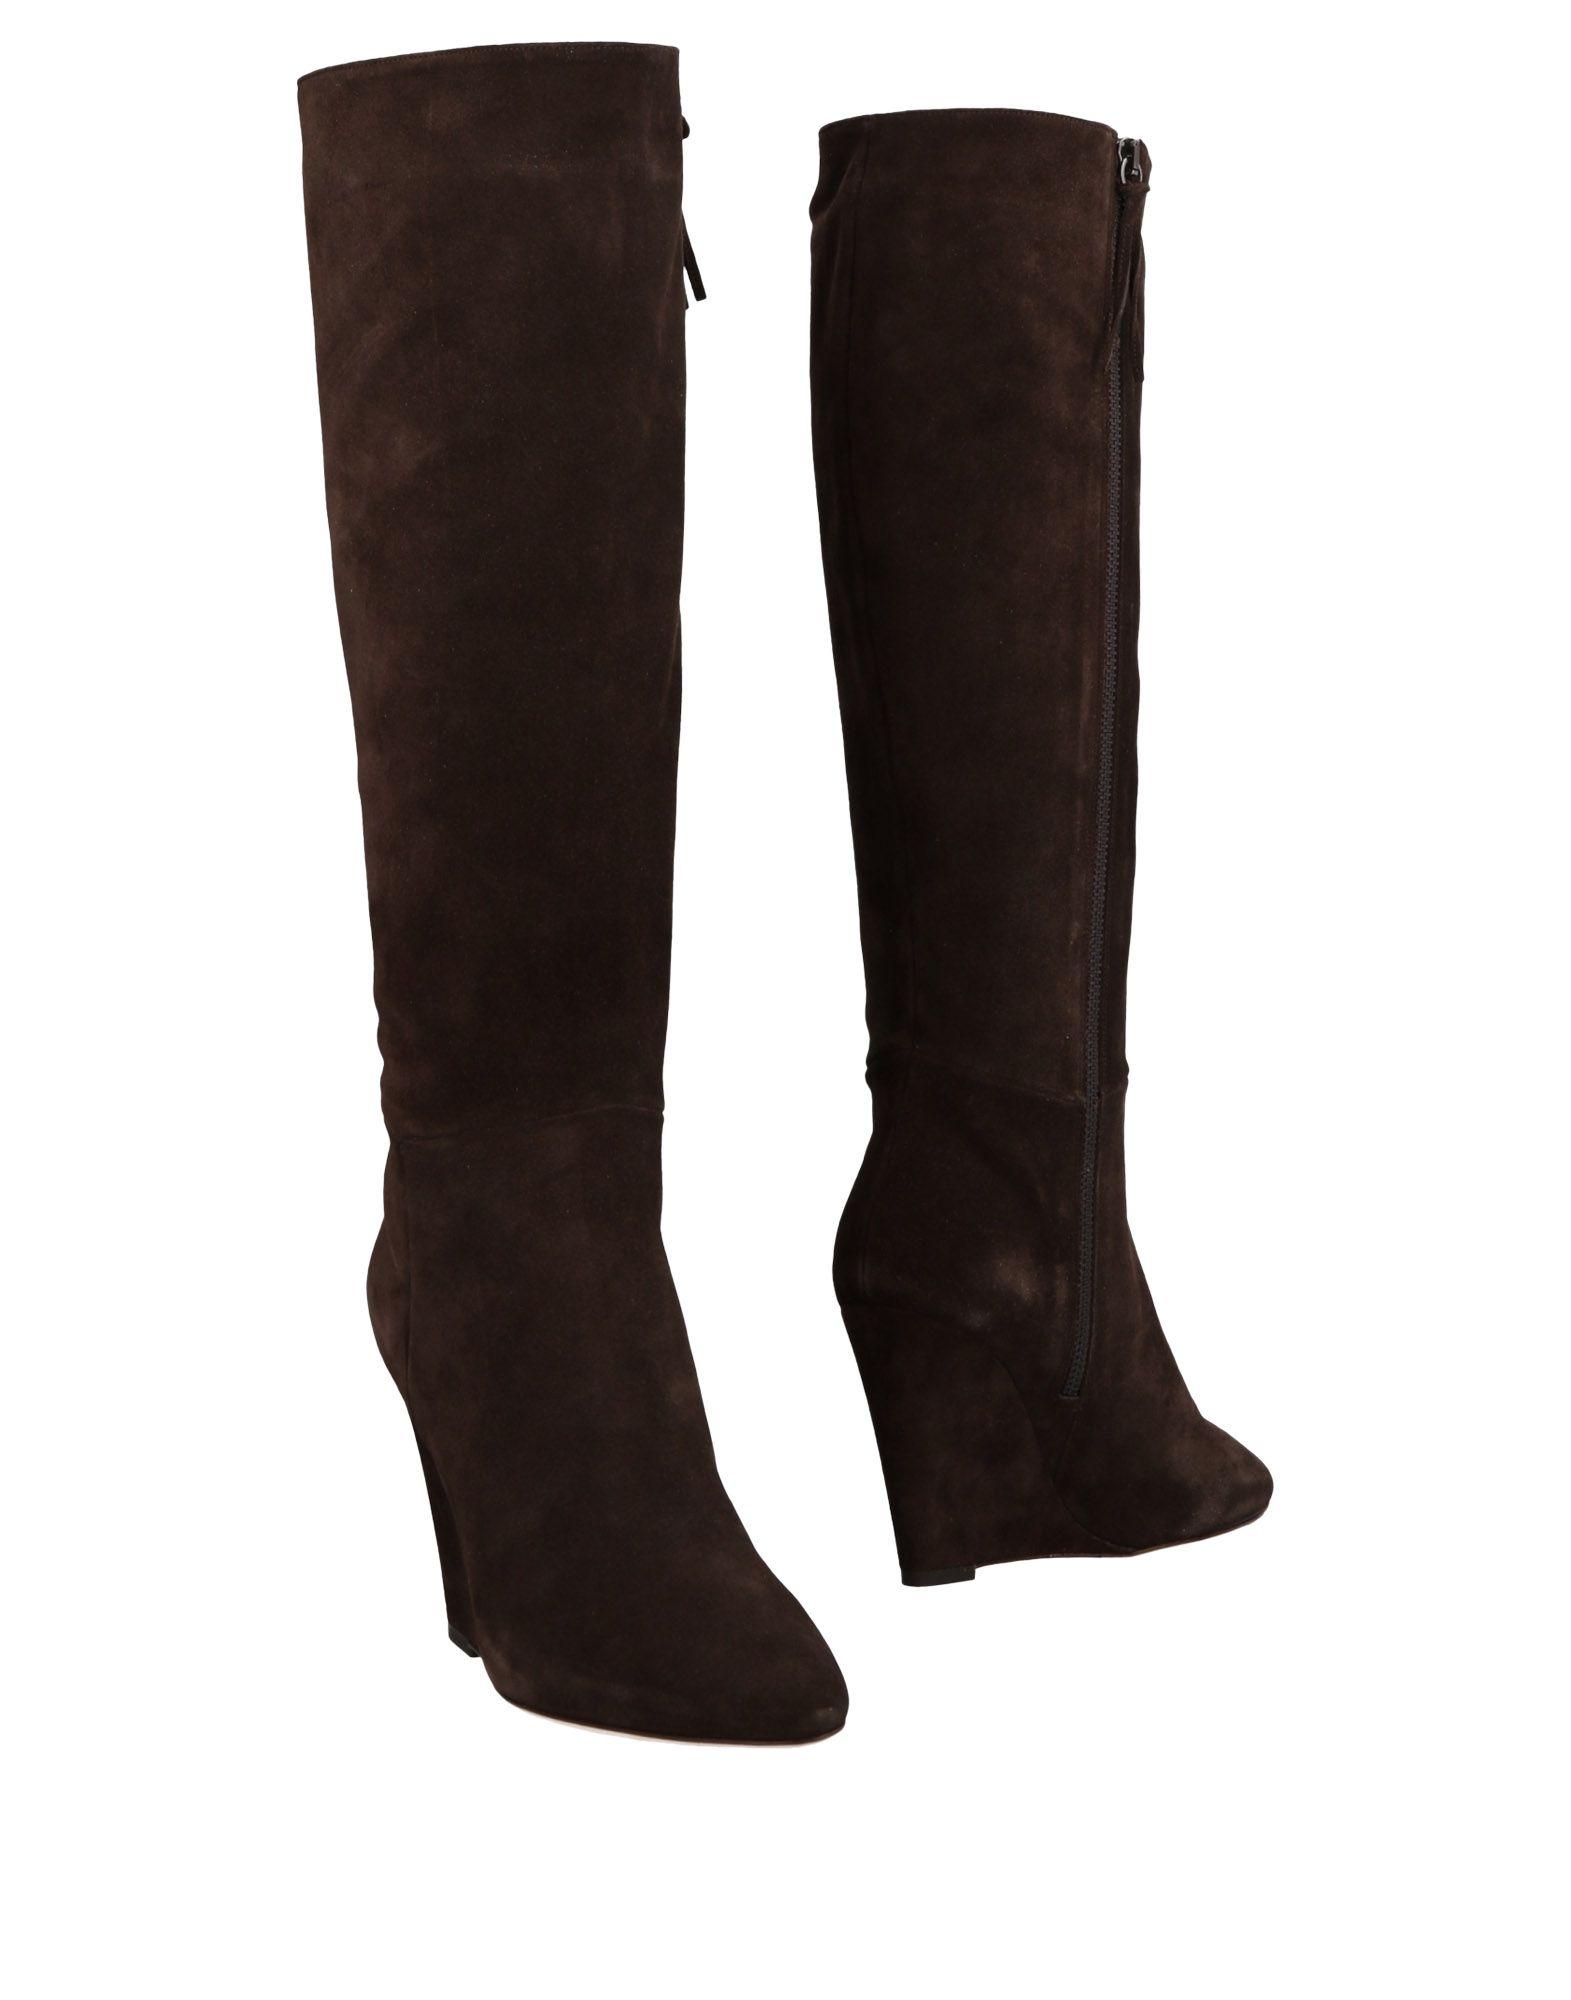 Cavallini  Stiefel Damen  Cavallini 11484083UKGut aussehende strapazierfähige Schuhe 5c9036